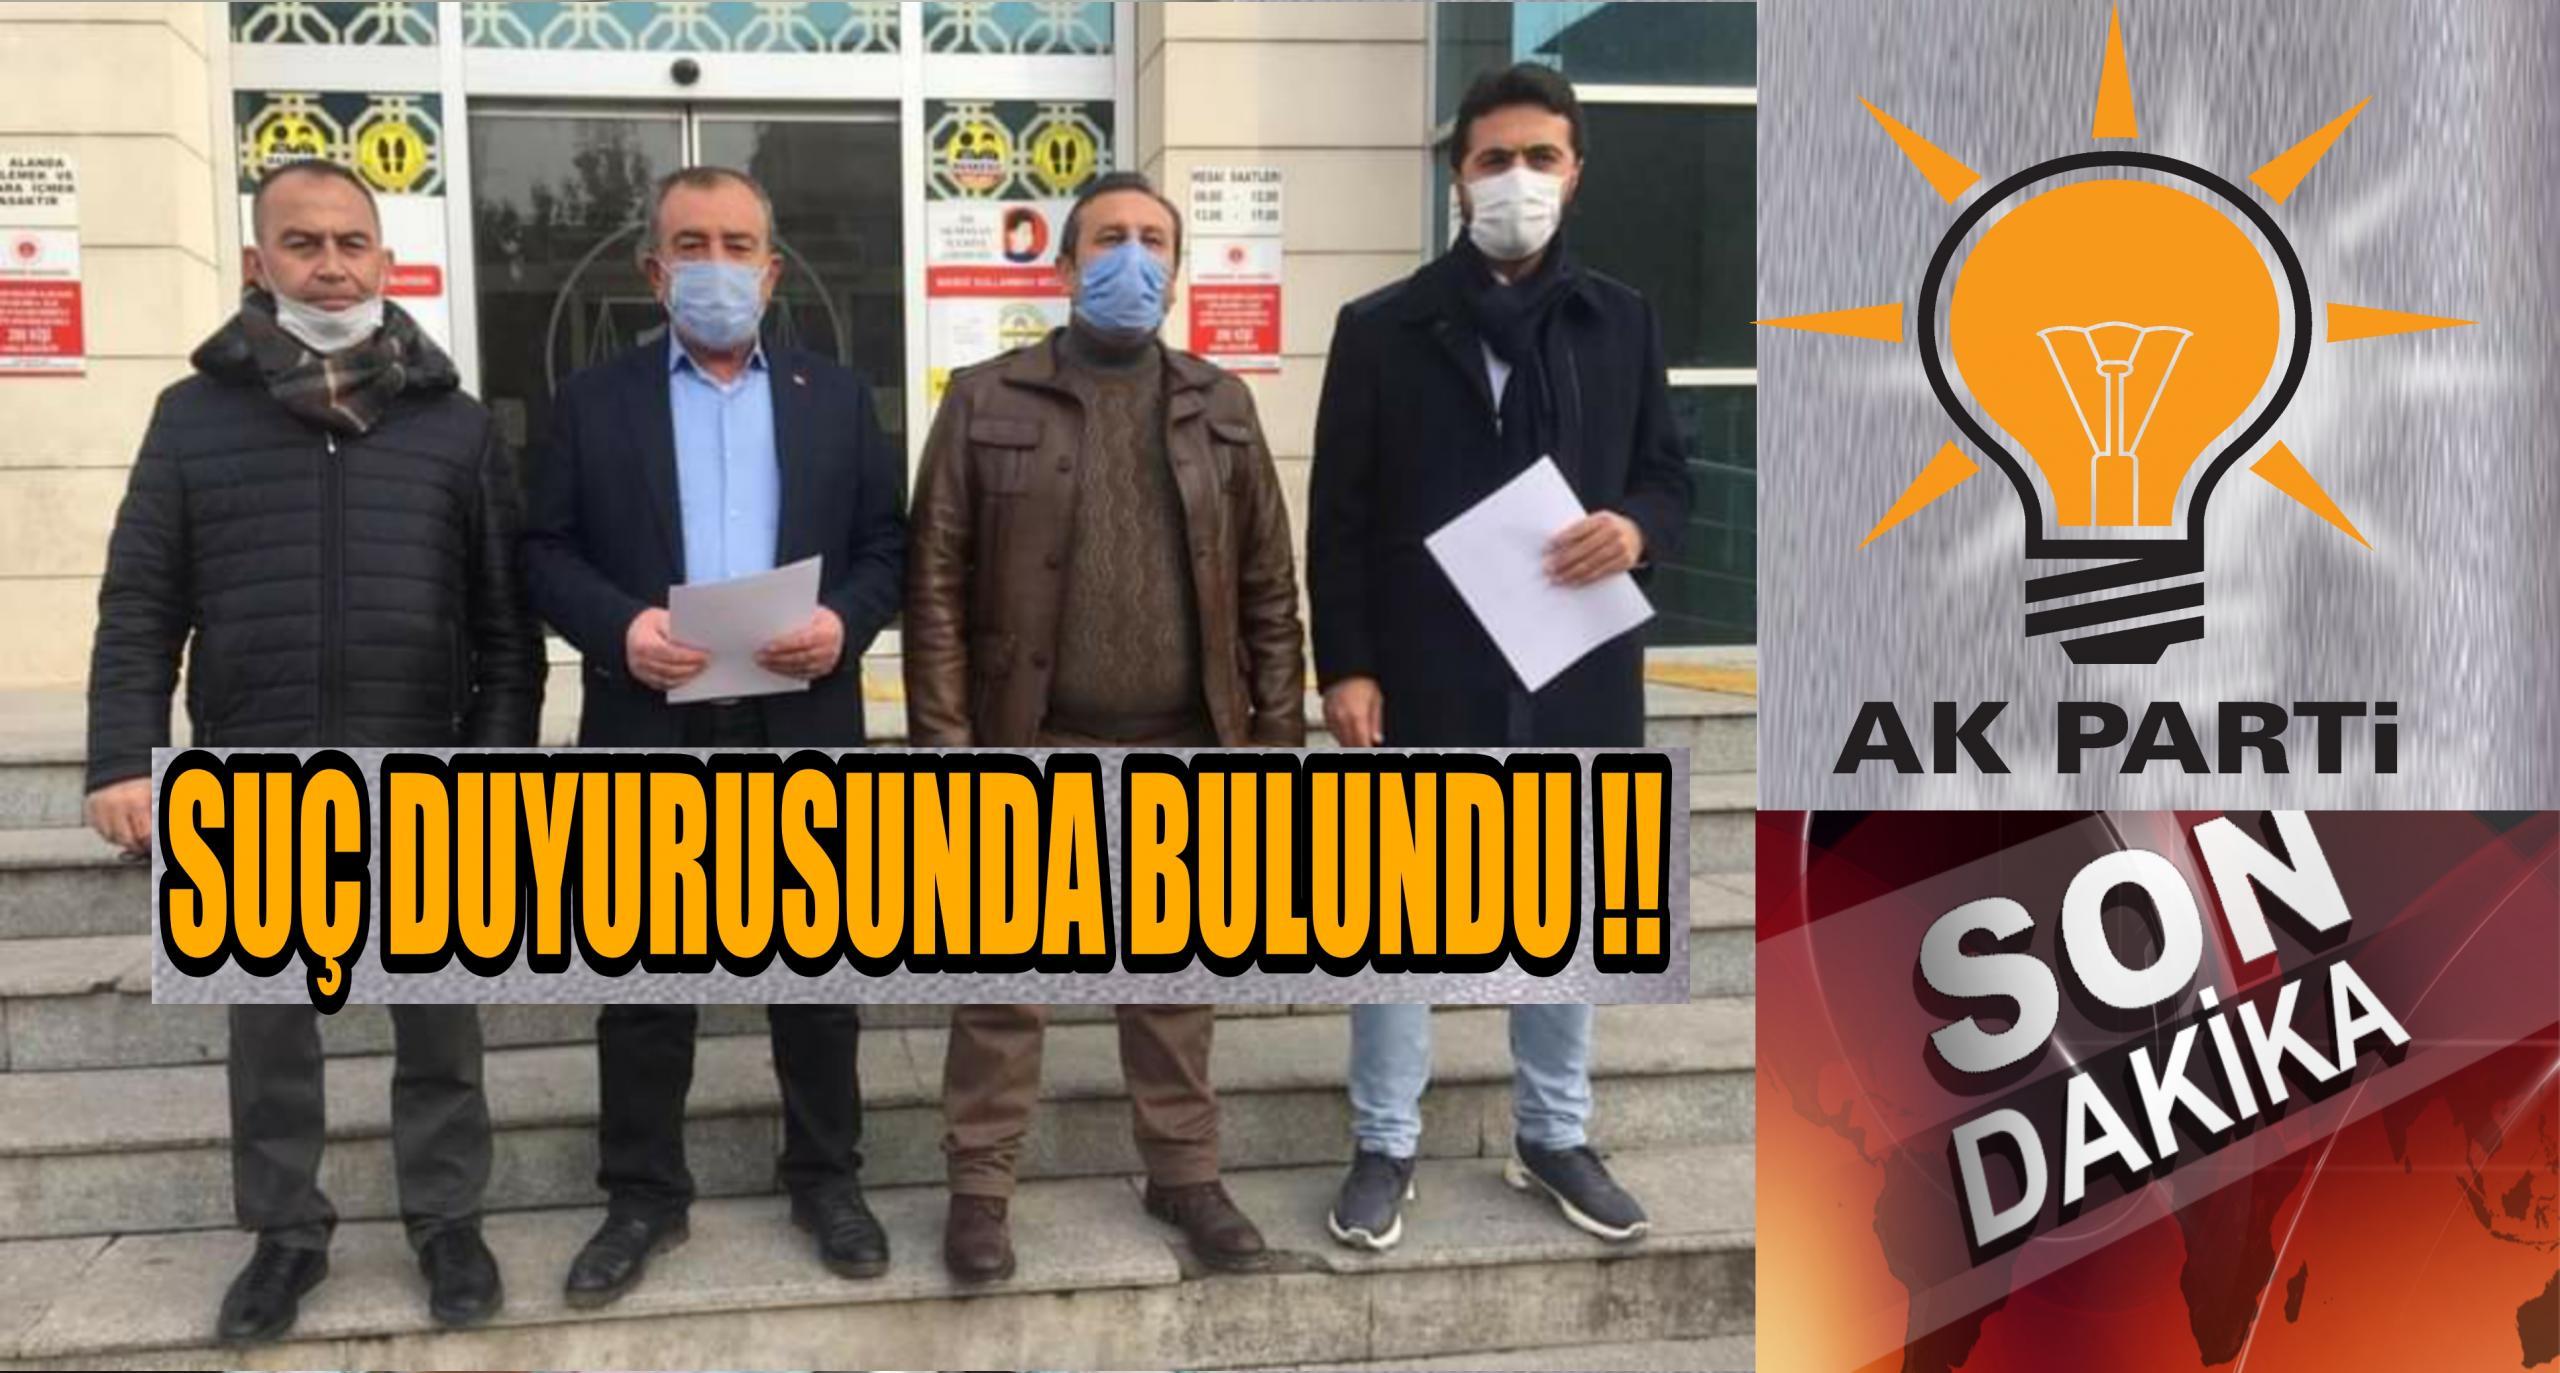 İLKER BAŞBUĞ, CAN ATAKLI, FİKRİ SAĞLAR HAKKINDA SUÇ DUYURUSU !!